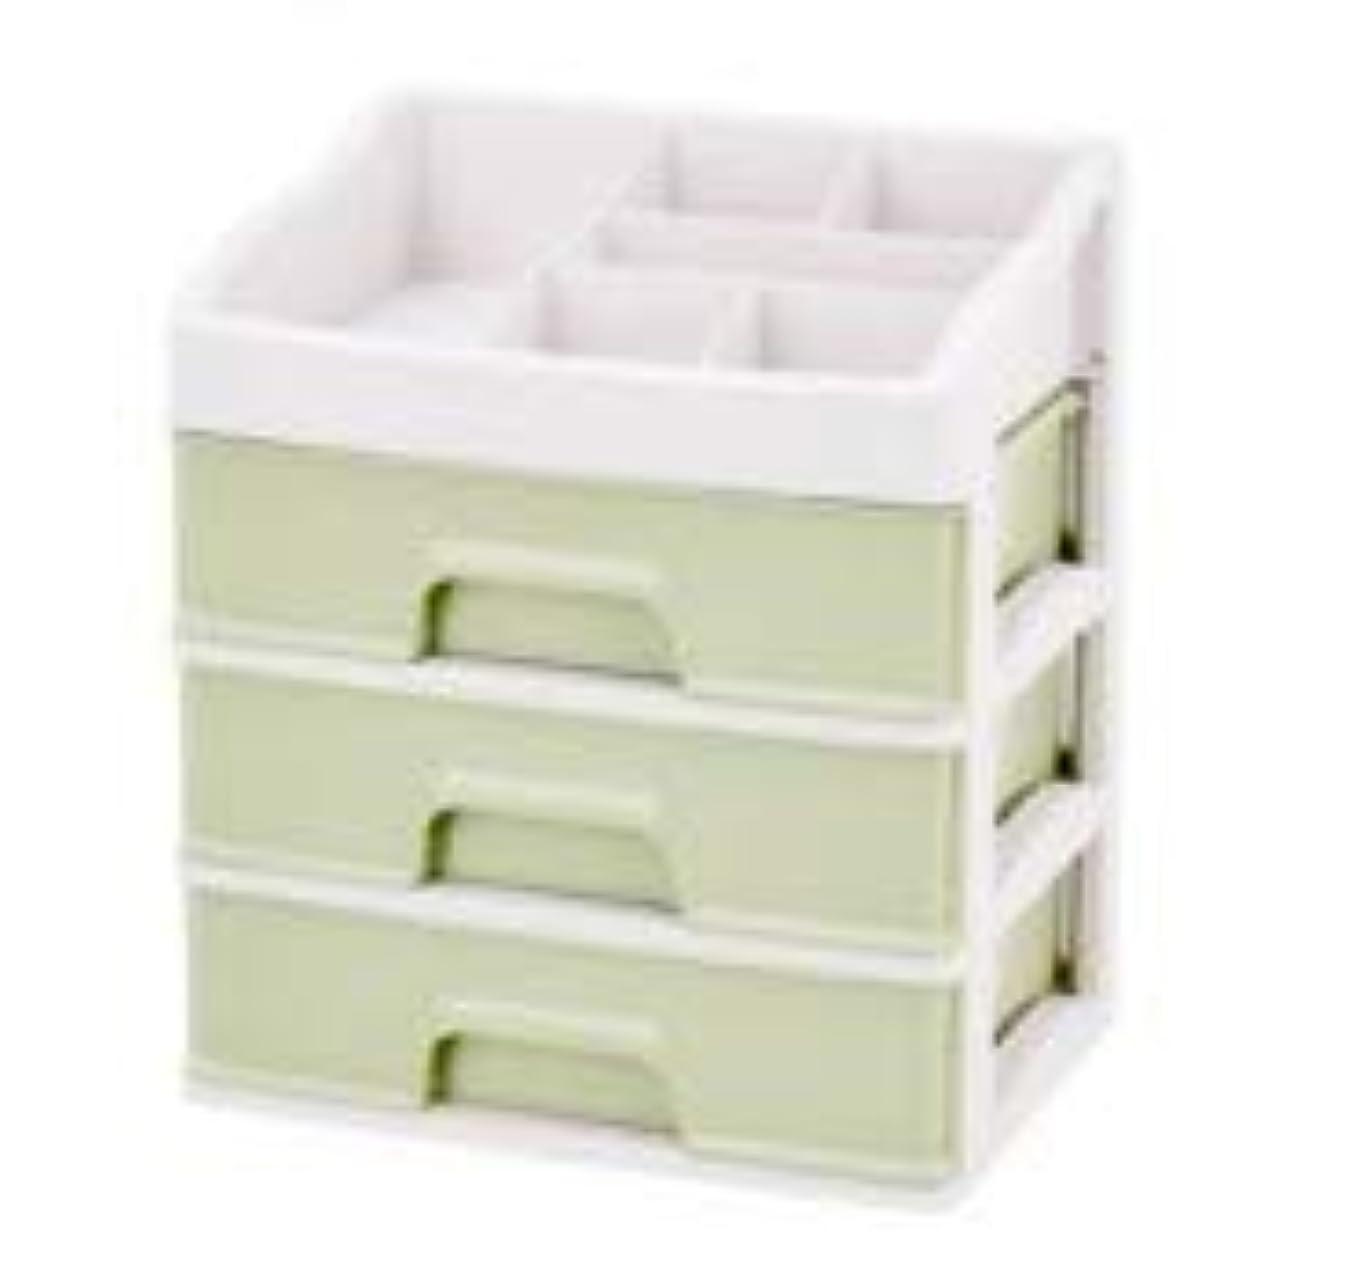 対処基本的な類似性化粧品収納ボックス引き出しデスクトップ収納ラック化粧台化粧品ケーススキンケア製品 (Size : L)